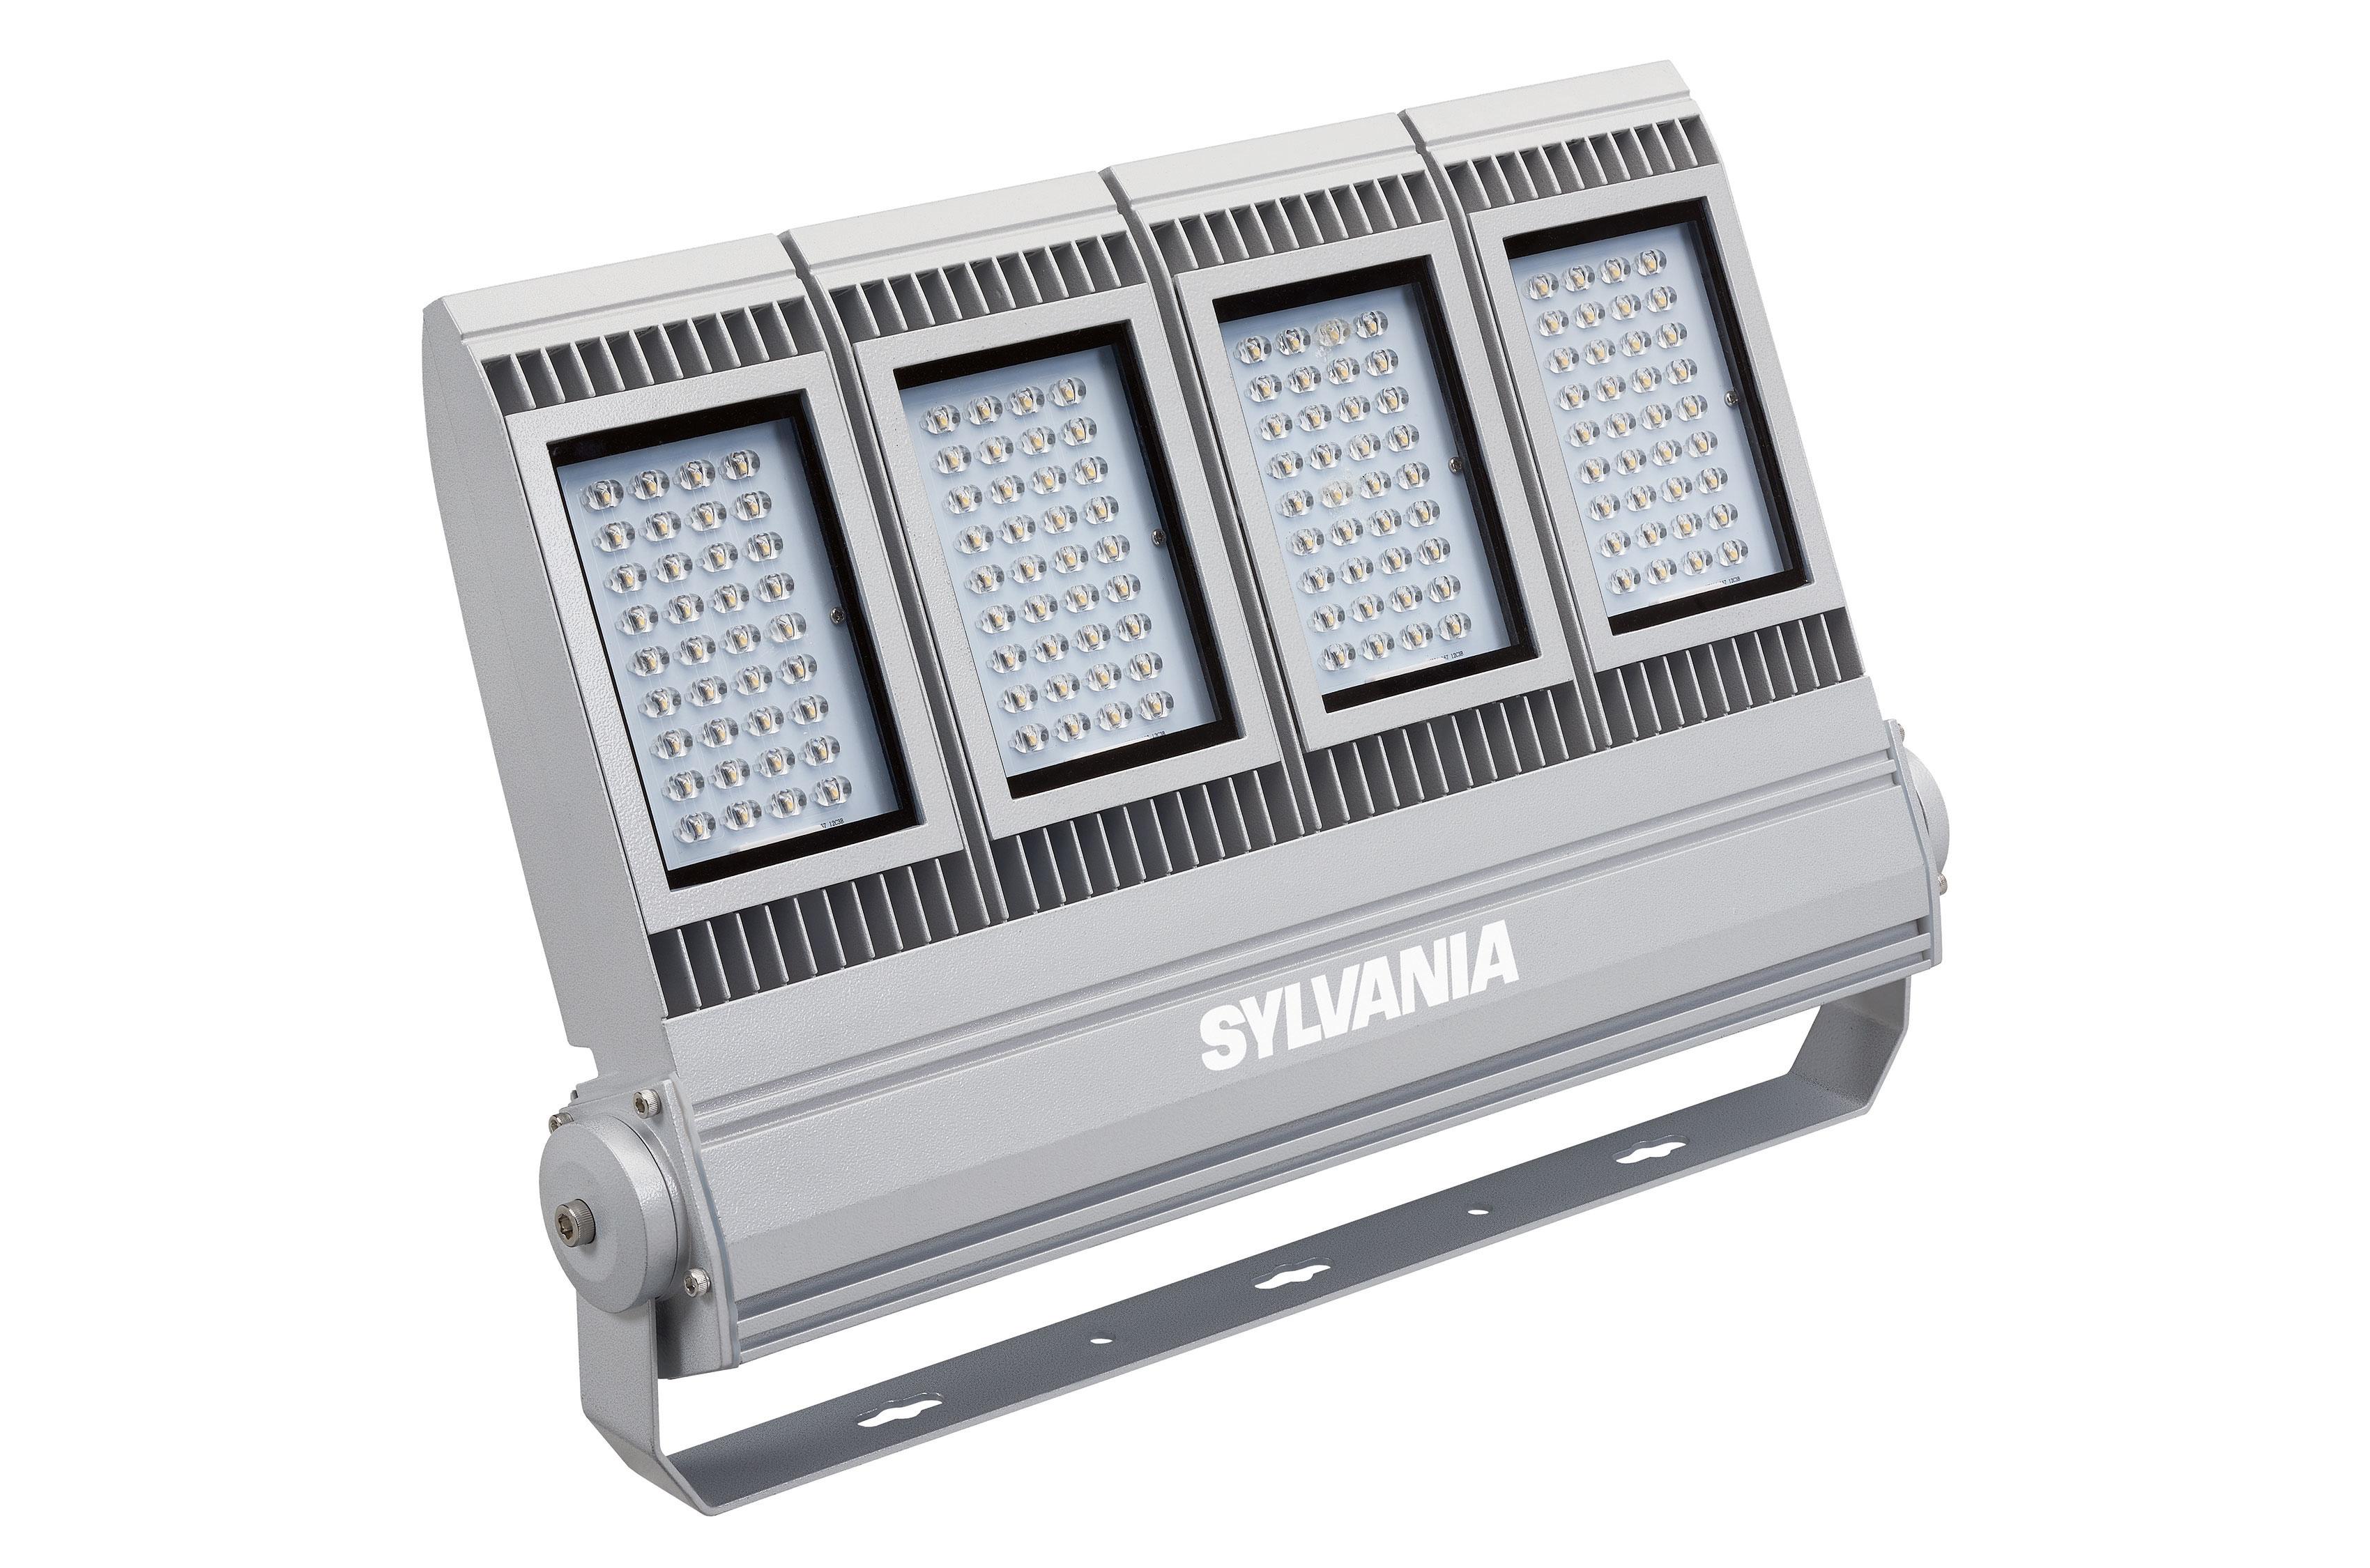 Sylvania sylveo led xxl 291w 30412lm 740 52 leuchte sylvania 1 sylvania sylveo led xxl 291w 30412lm 740 52 leuchte sylvania 1 stck parisarafo Choice Image